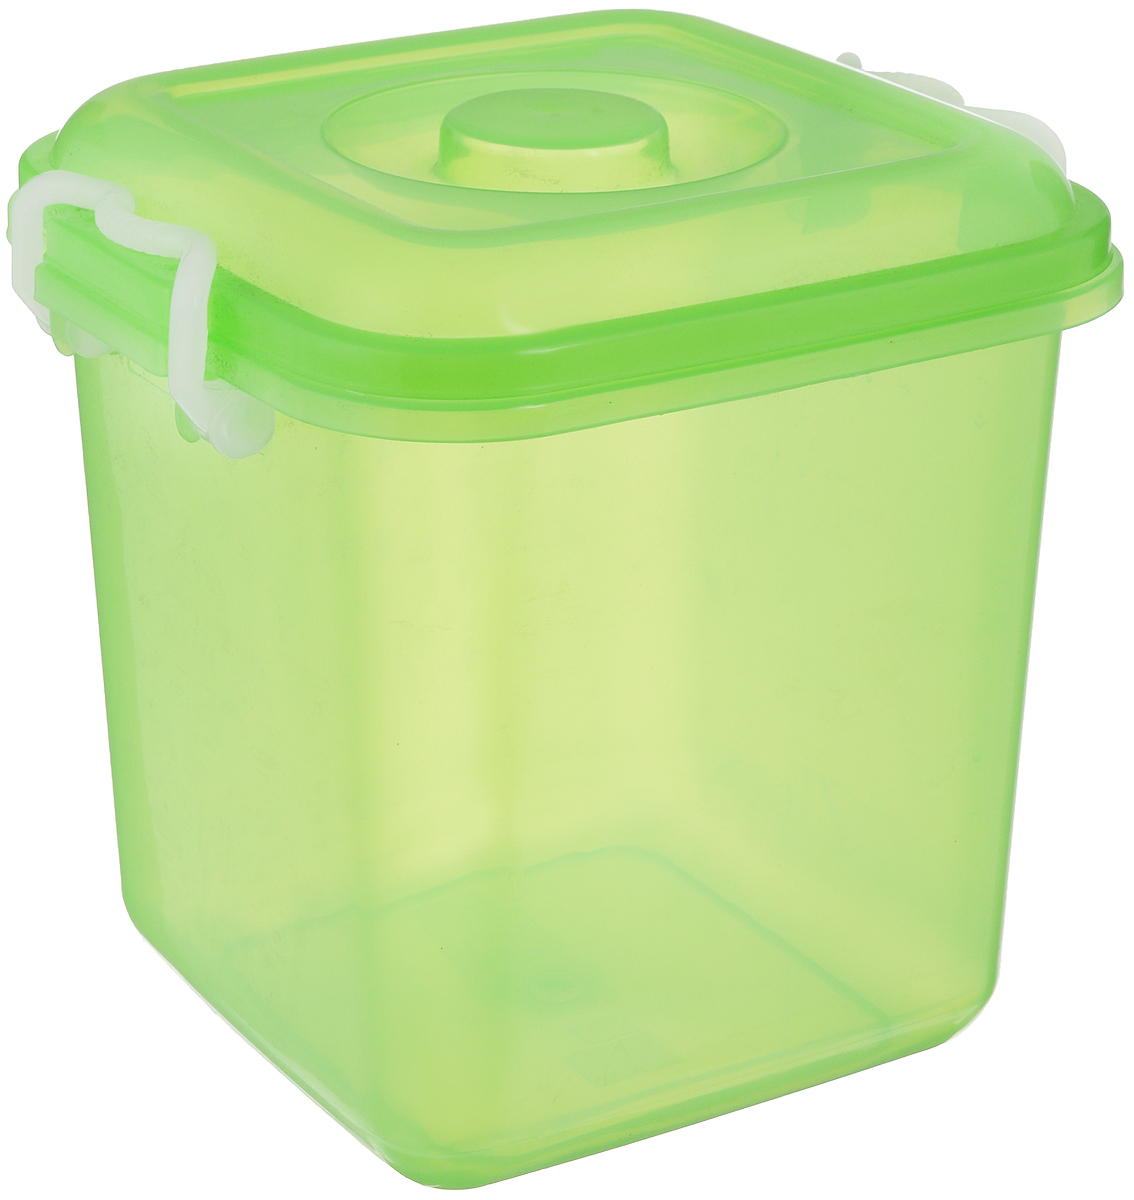 Контейнер для хранения Idea Океаник, цвет: зеленый, 10 лМ 2857Контейнер Idea Океаник, выполненный из высококачественного пищевого полипропилена, предназначен для хранения различных вещей. Он снабжен плотно закрывающейся крышкой со специальными боковыми фиксаторами.Вместительный контейнер позволит сохранить ваши вещи в порядке, а герметичная крышка предотвратит случайное открывание, а также защитит содержимое от пыли и грязи.